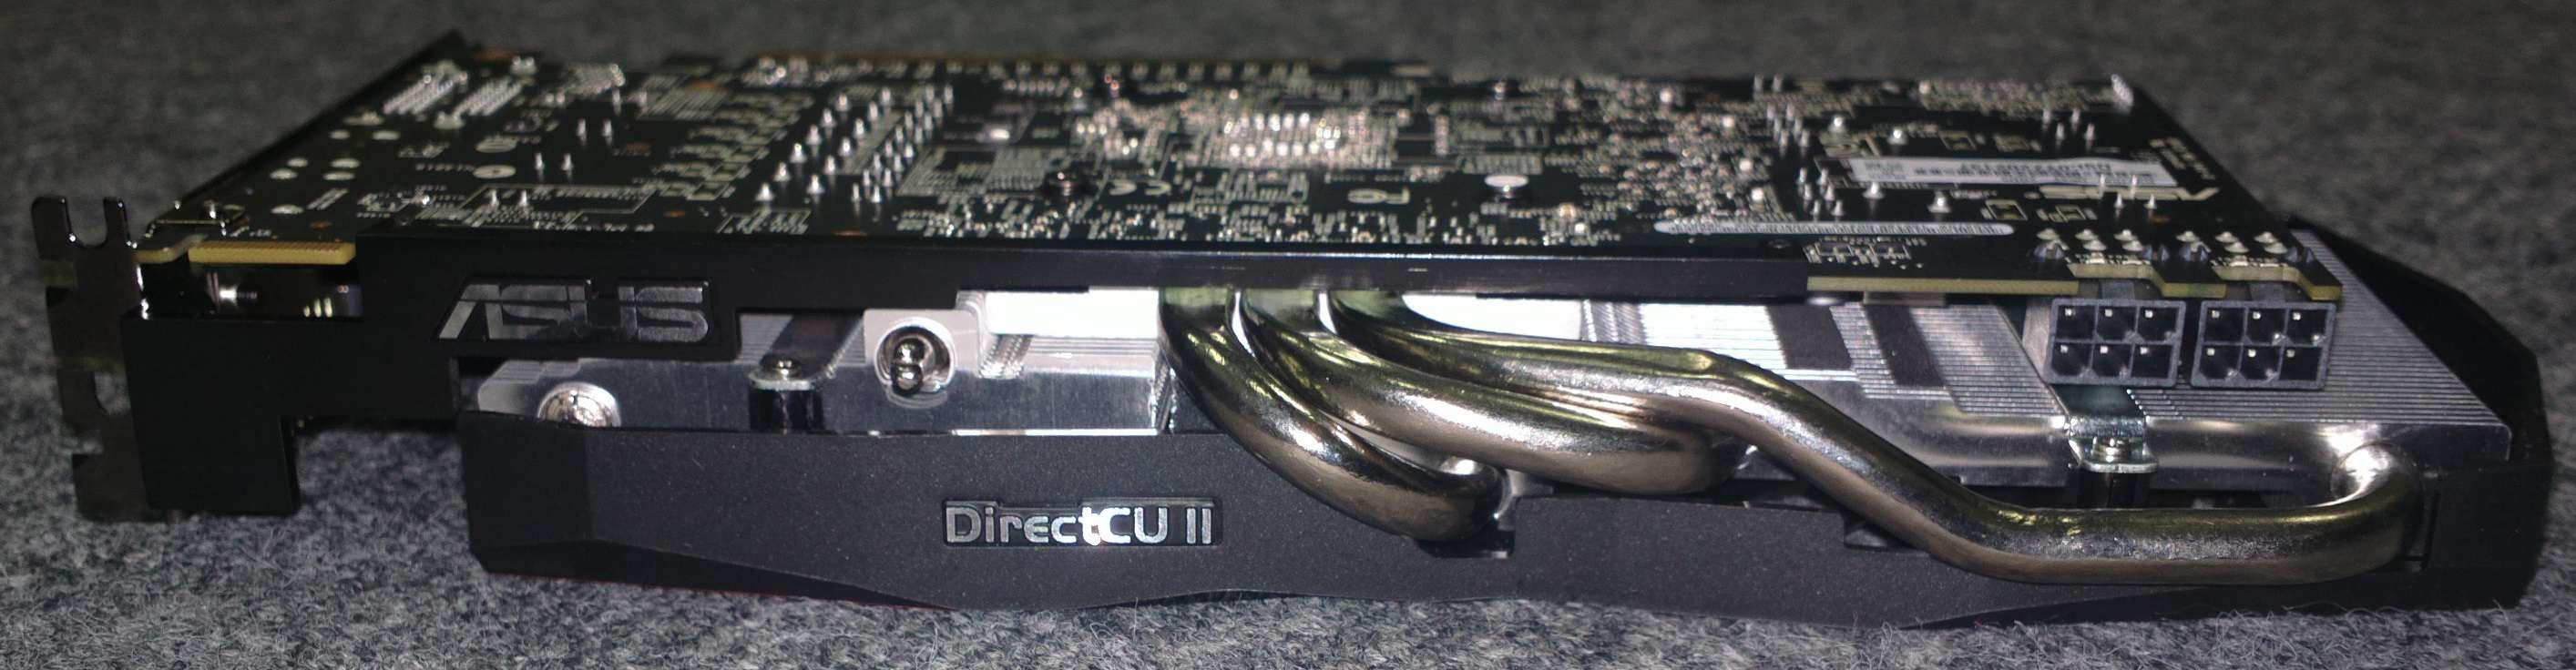 R9 270x 4gb Specs